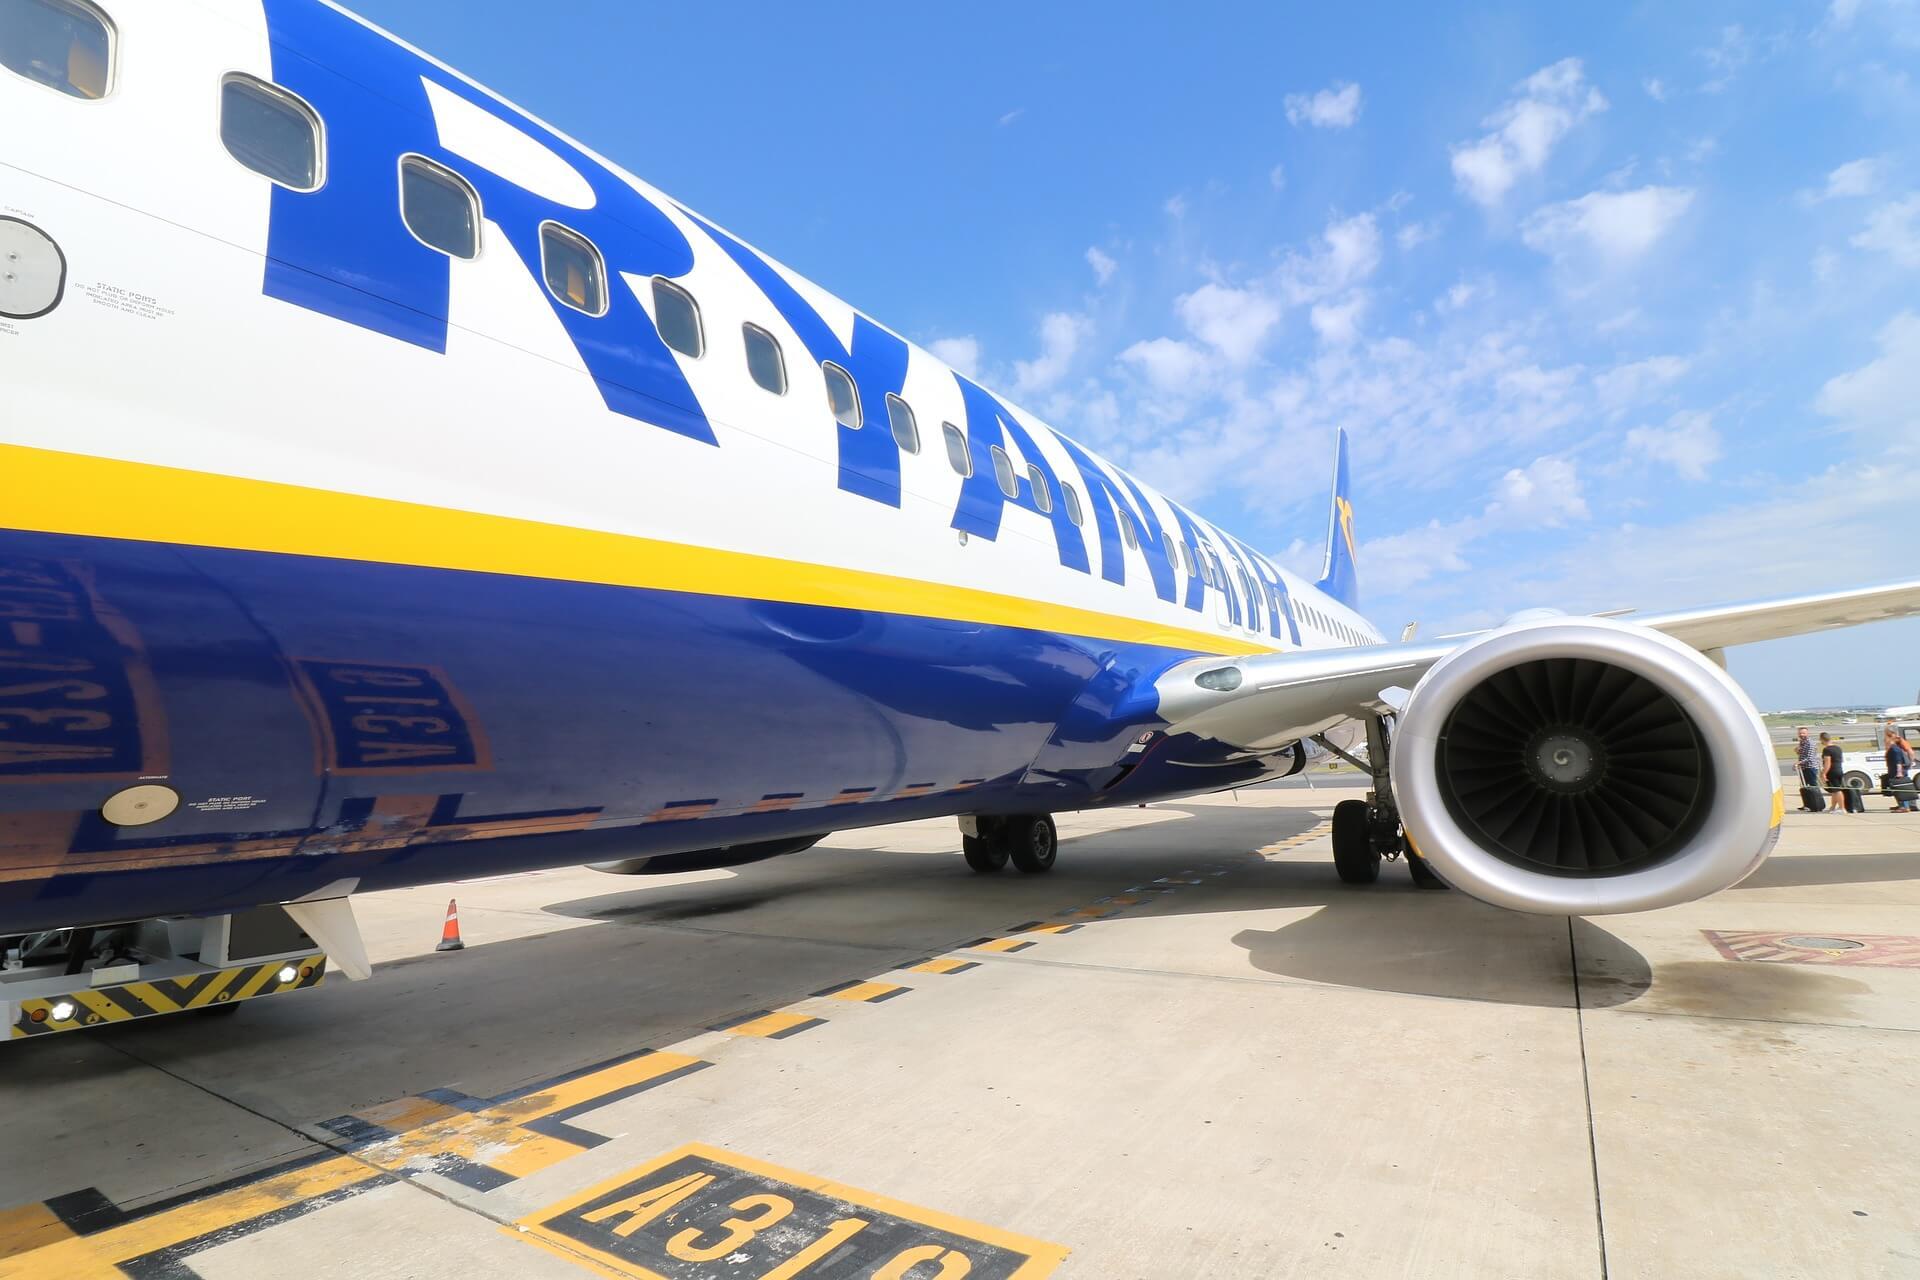 Airplane Ryanair